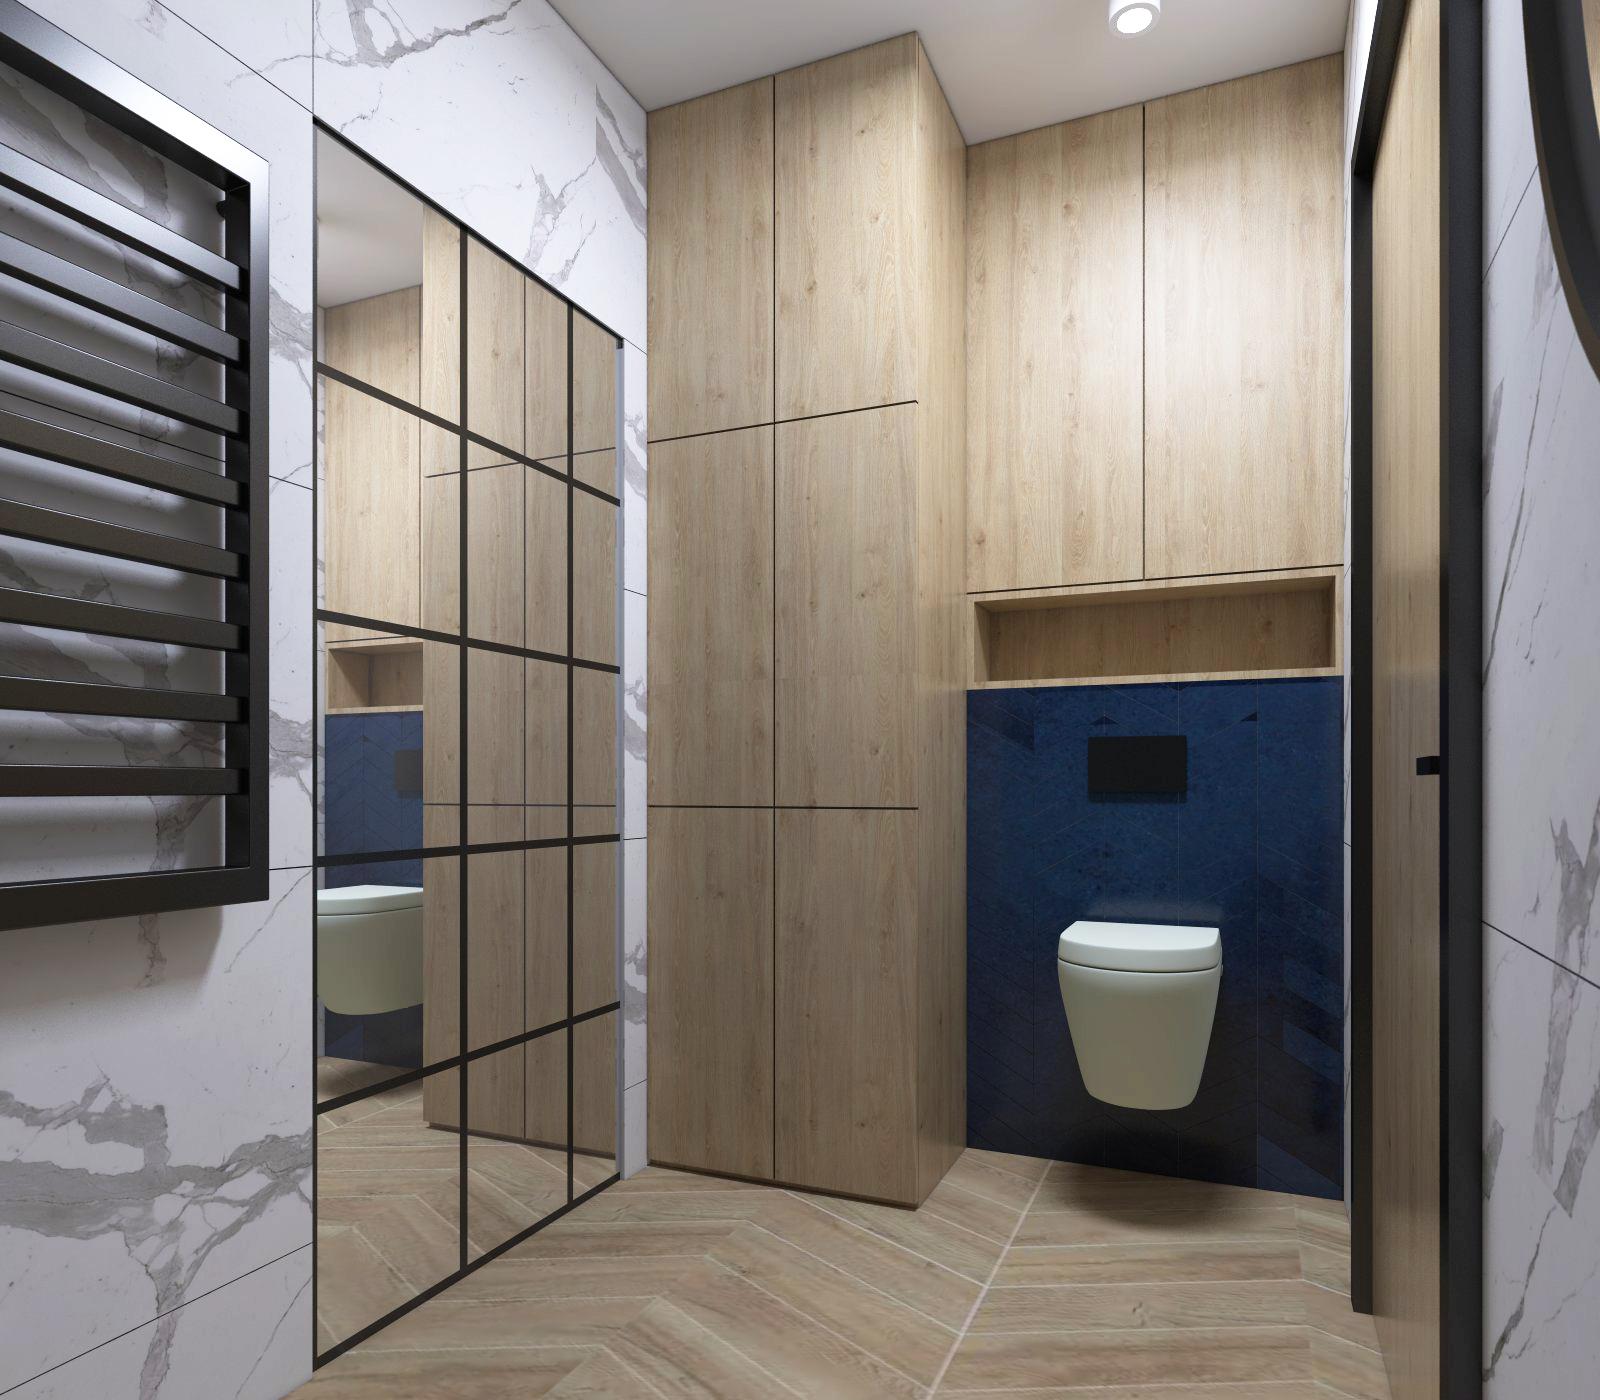 łazienka z granatowymi płytkami